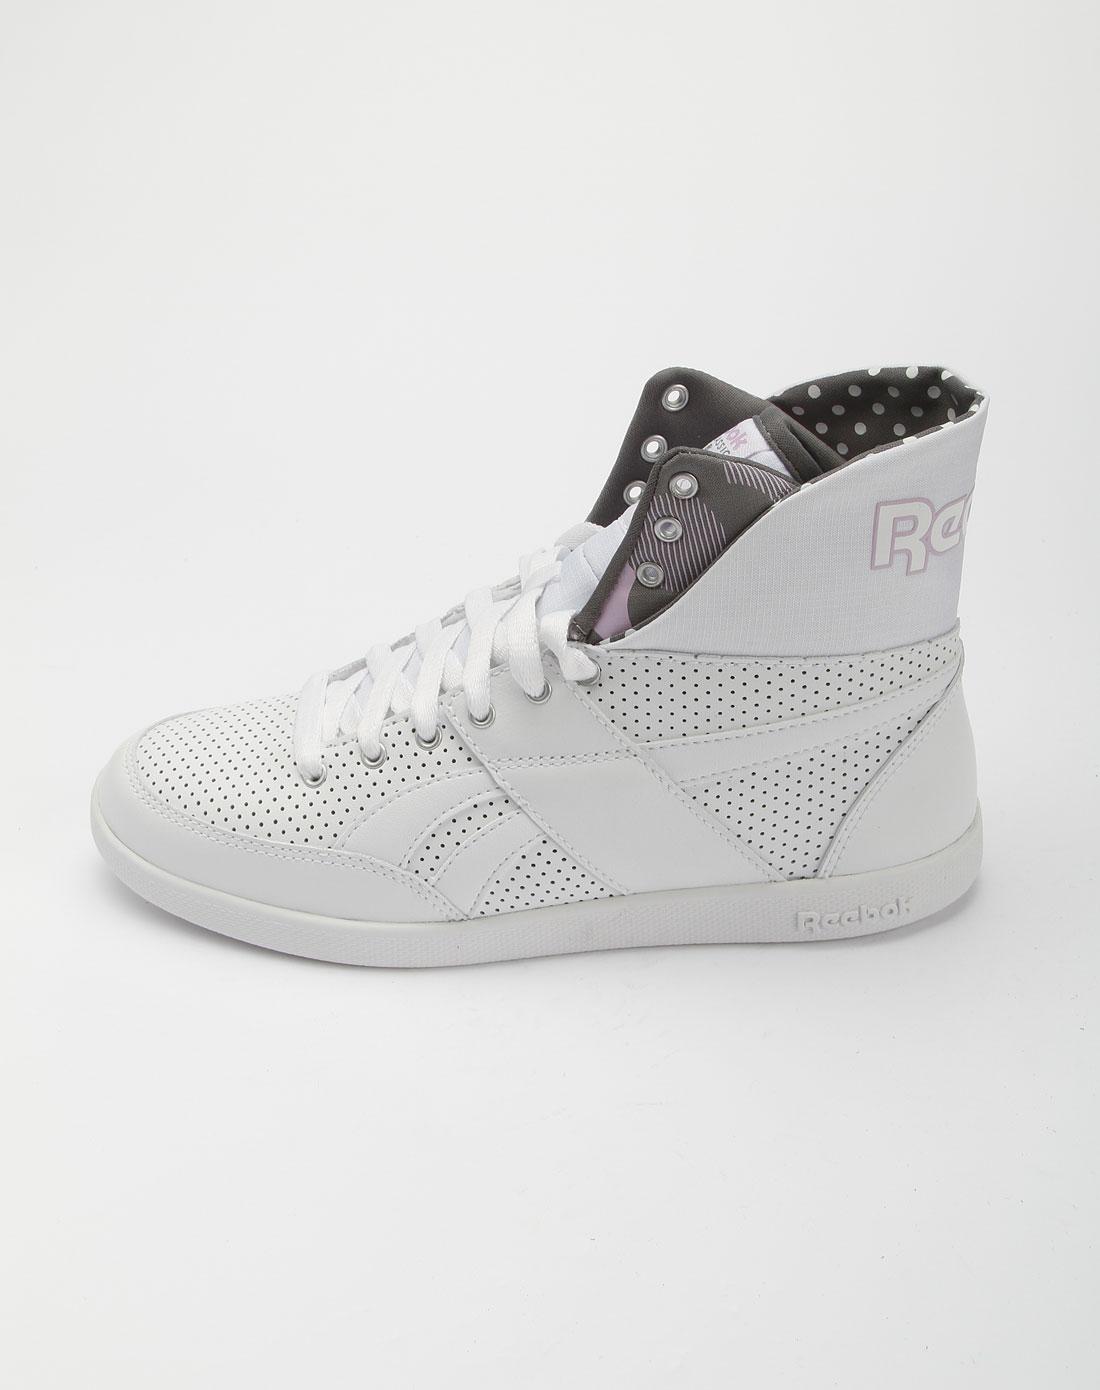 锐步reebok白色经典高筒运动鞋v71072